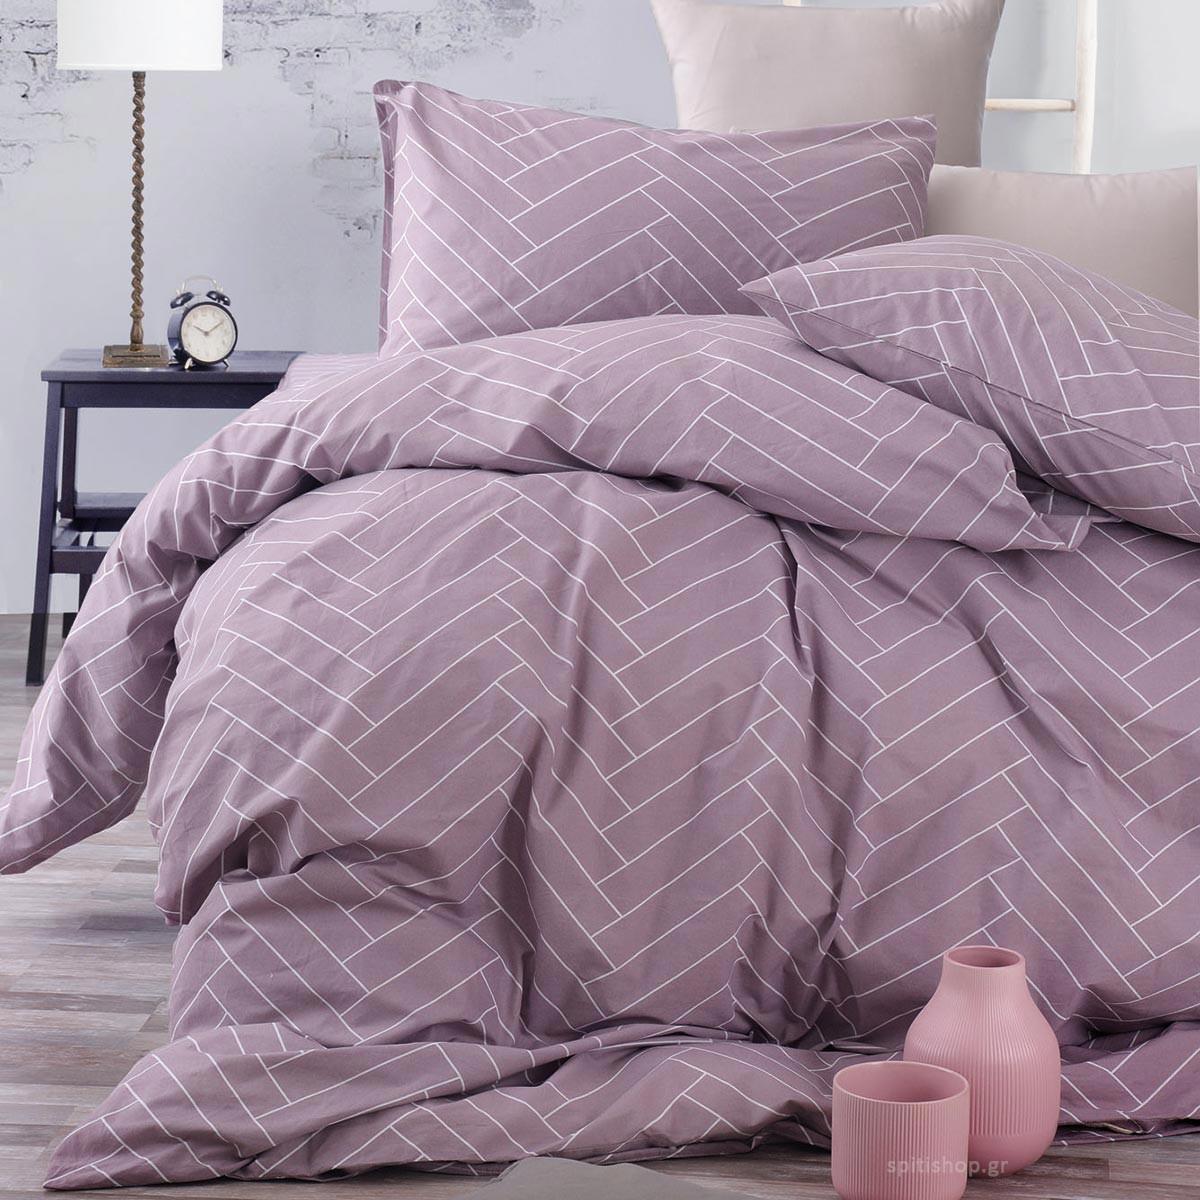 Σεντόνια Υπέρδιπλα (Σετ) Rythmos Symbol Tiles Purple ΜΕ ΛΑΣΤΙΧΟ ΜΕ ΛΑΣΤΙΧΟ